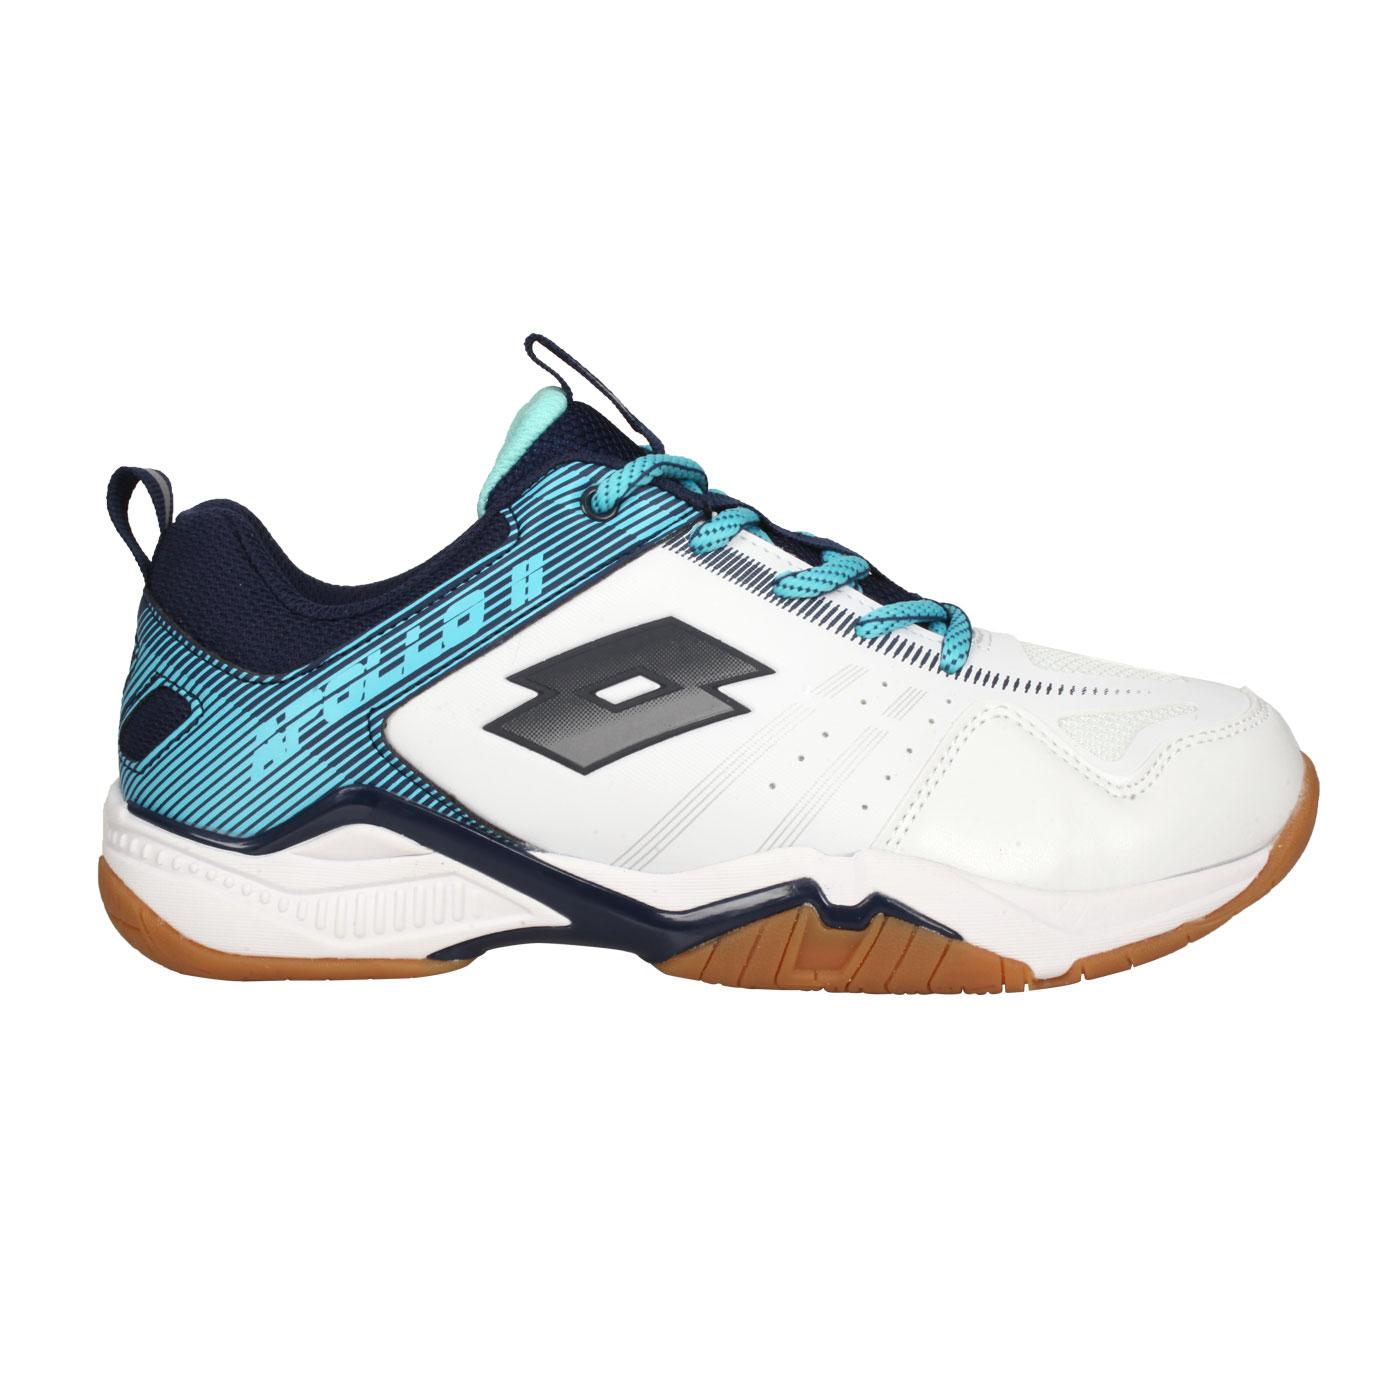 LOTTO 大童專業羽球鞋 LT0AKI2596